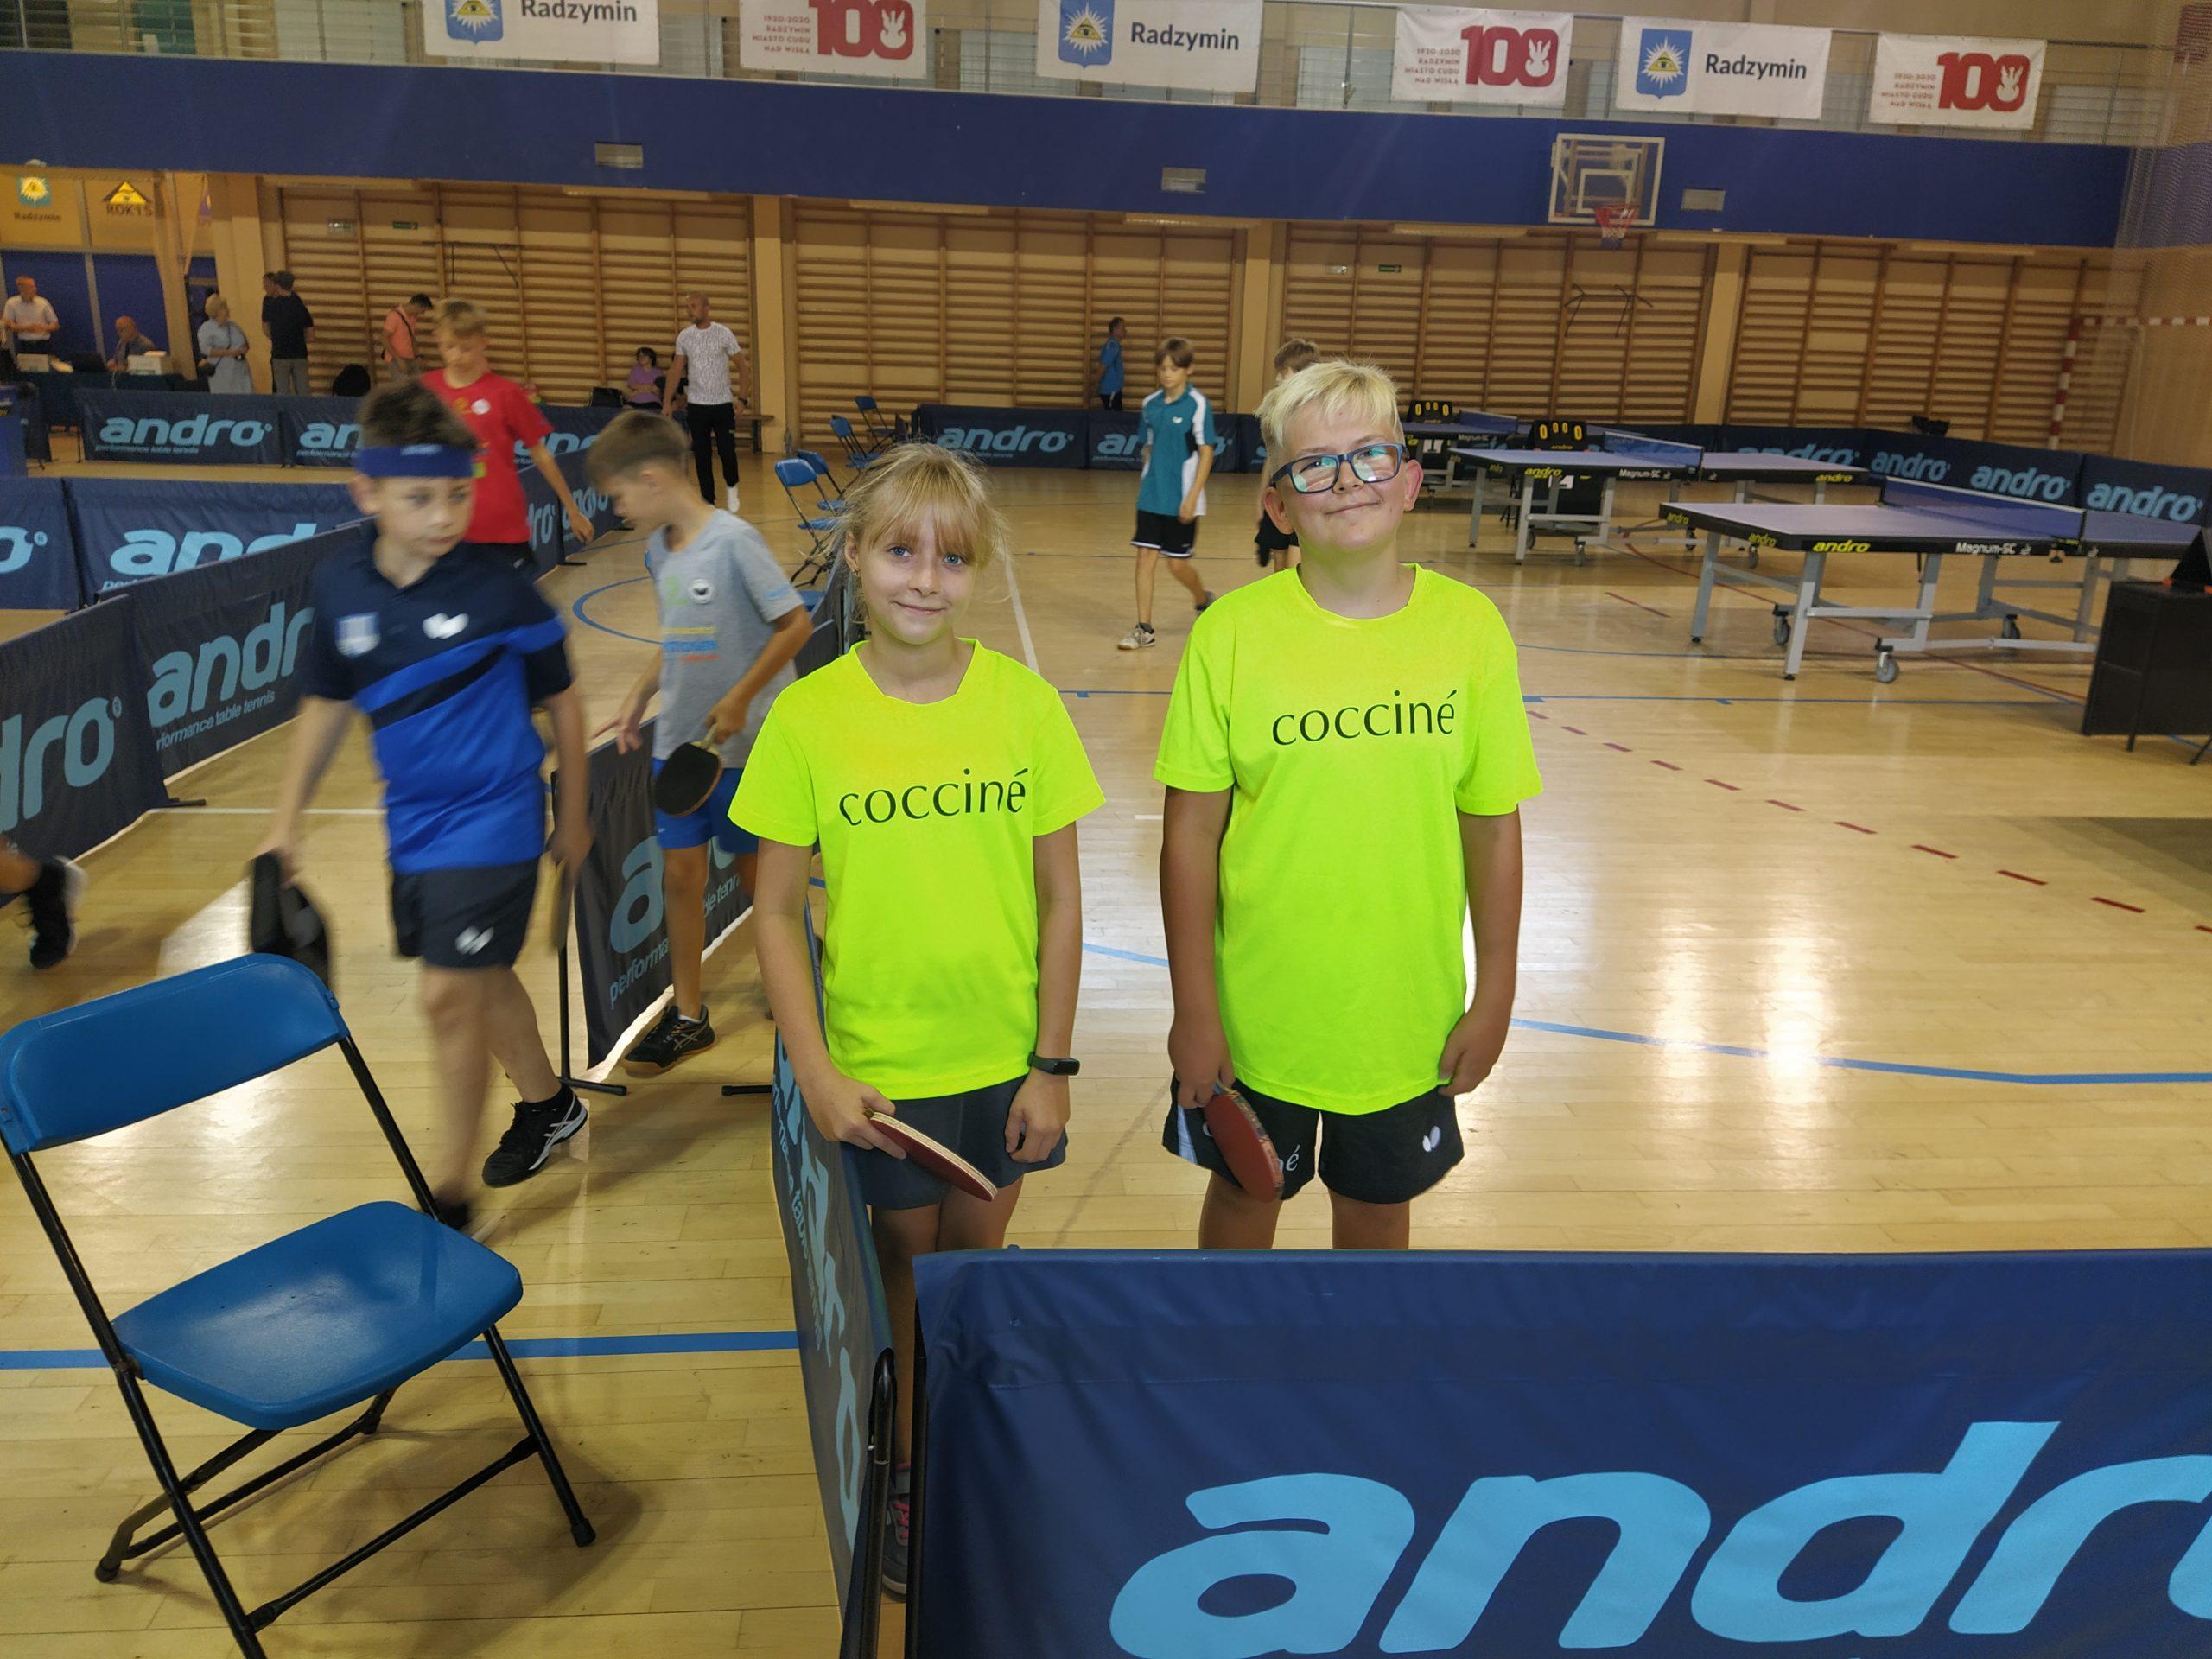 Reprezentanci GKTS Wiązowna, Maja Grzybowska i Maksymilian Przybysz, wzięli udział w I Turnieju Grand Prix Mazowsza Młodzików